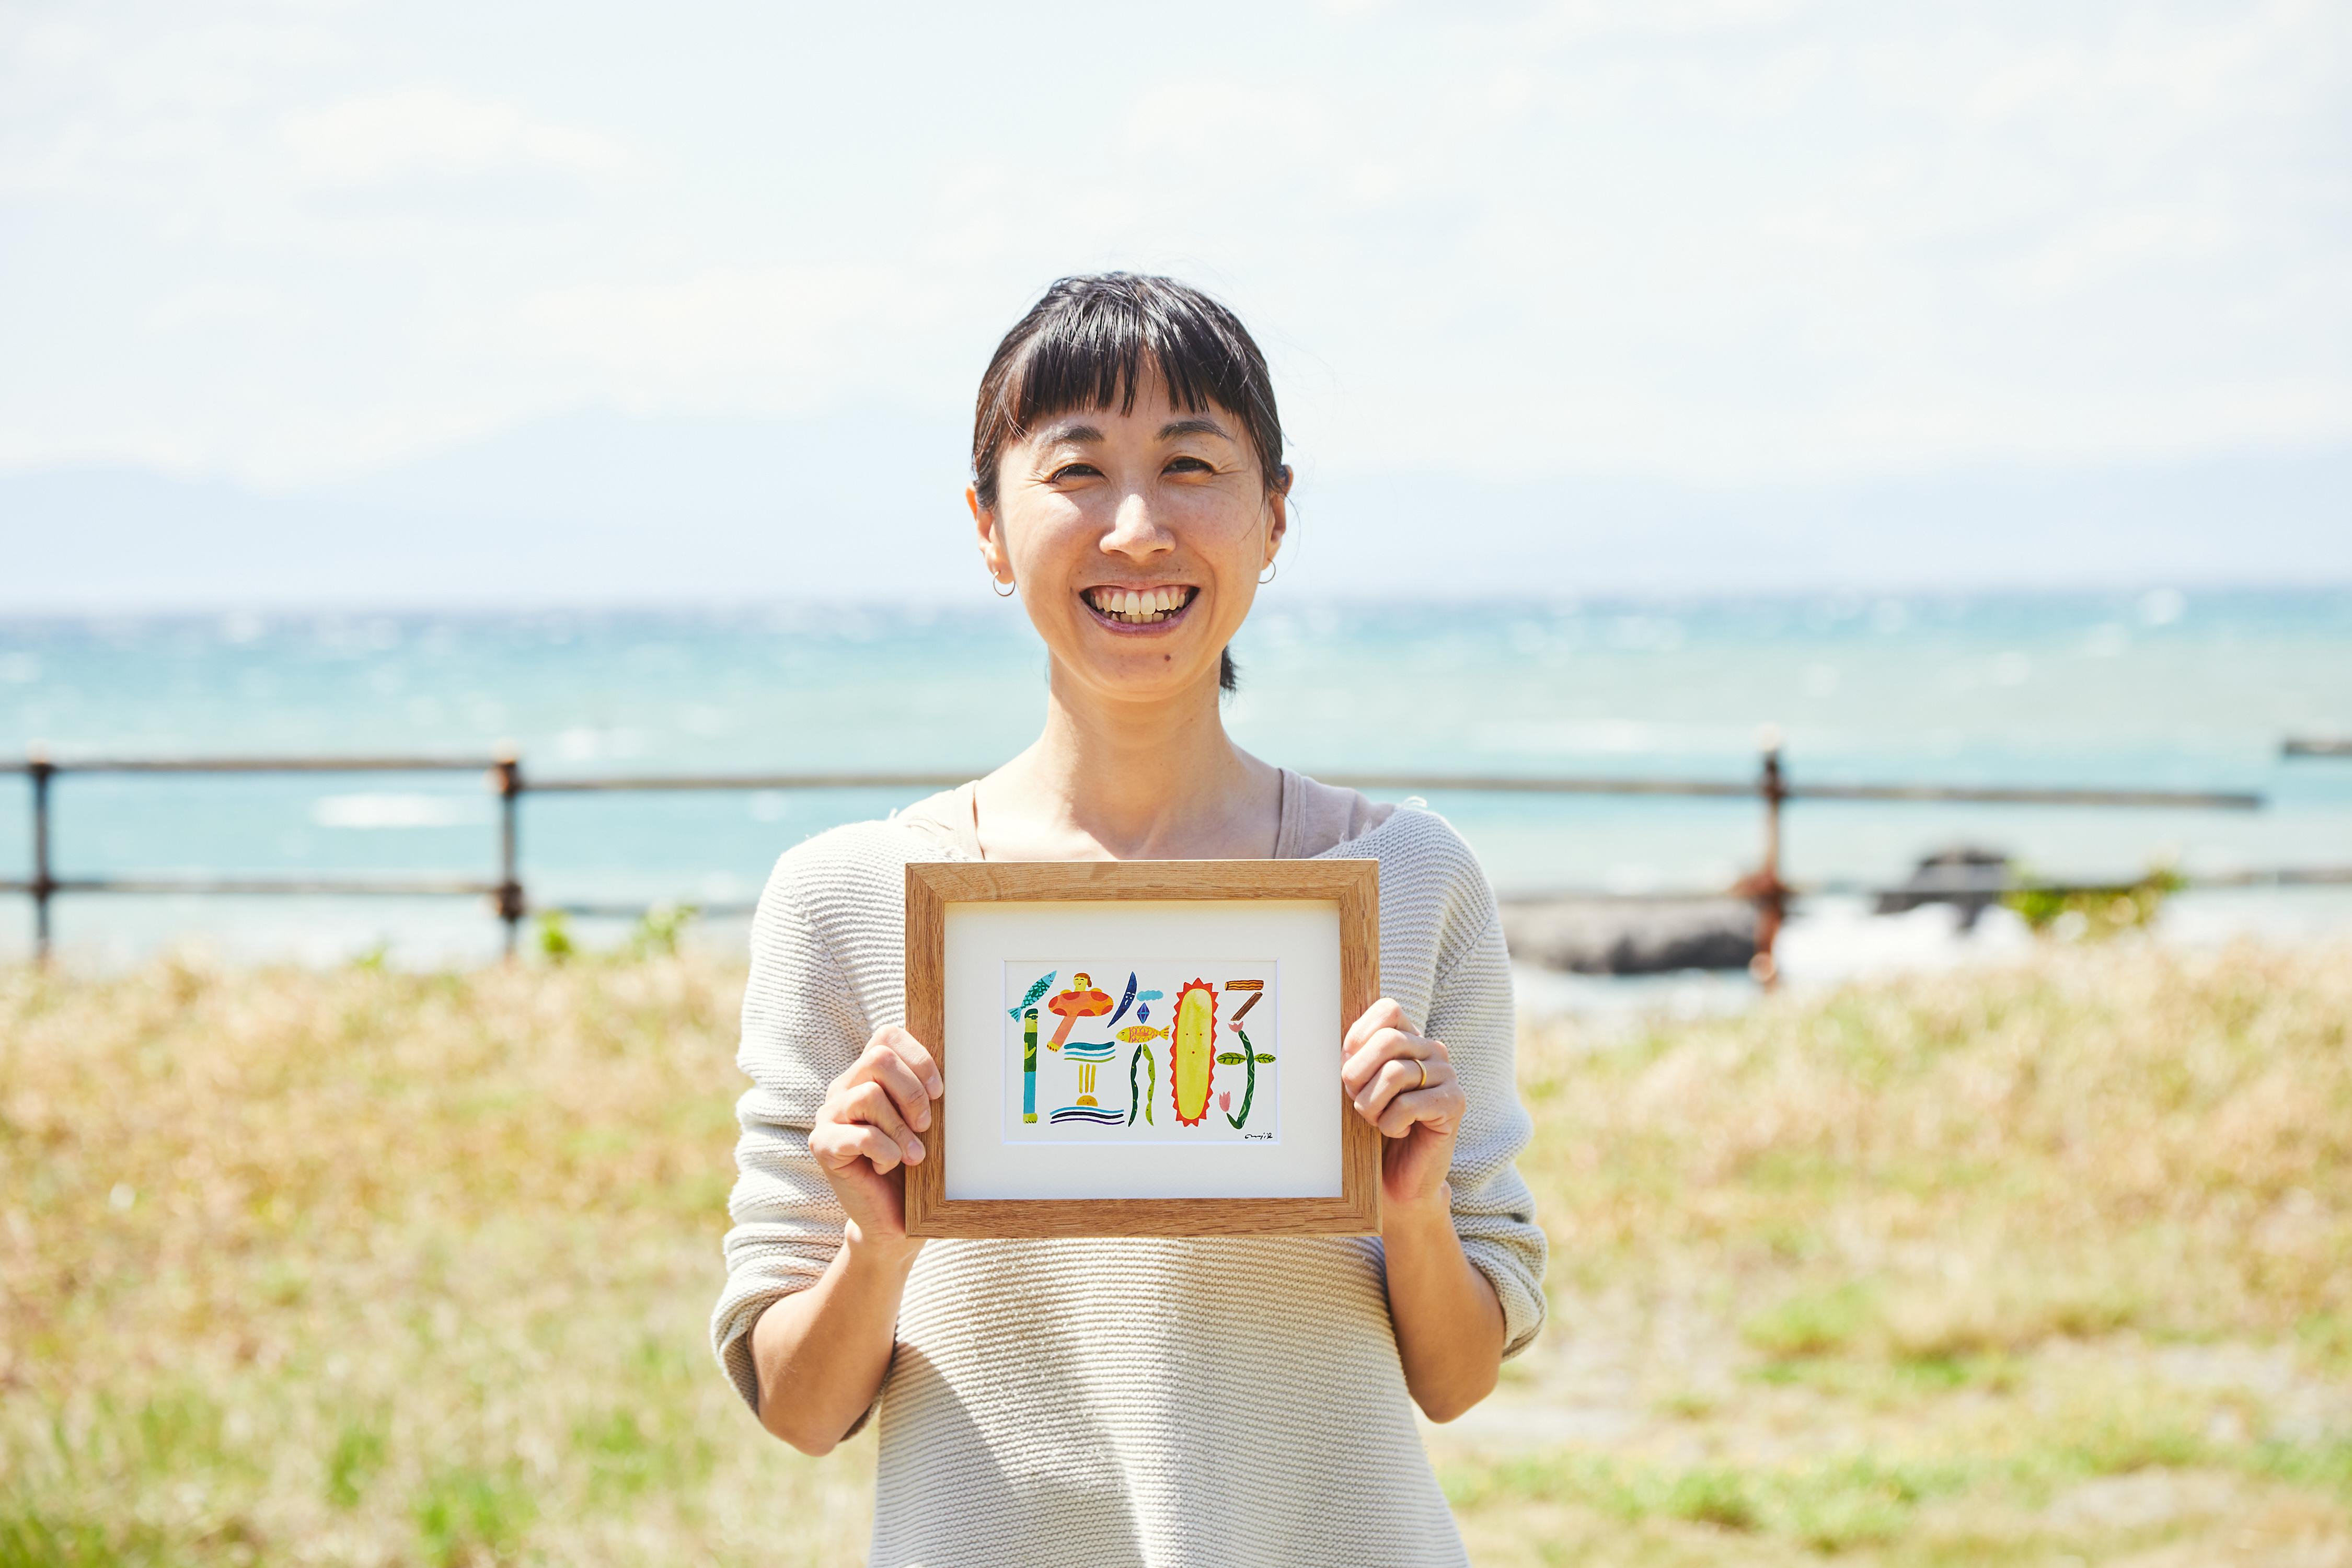 「佐知子」さんは海を愛するデザイナー